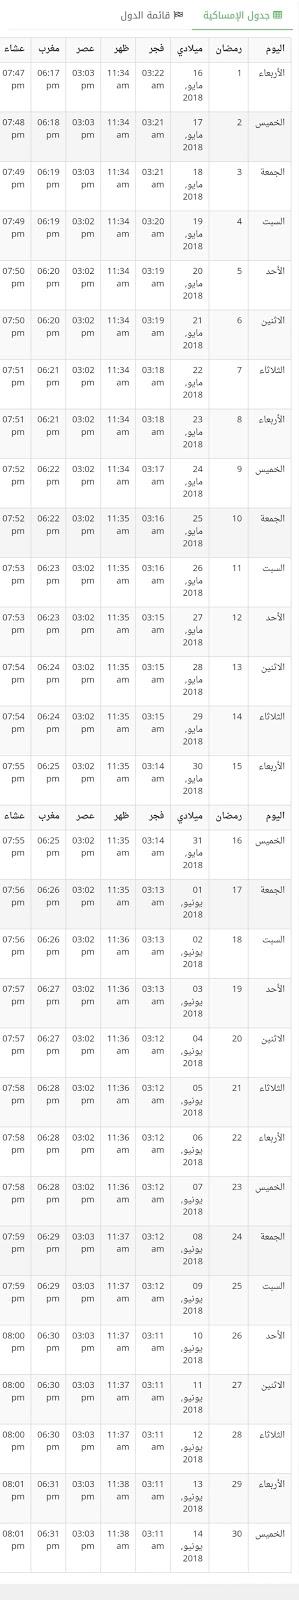 إمساكية رمضان في قطر 2018 , 1439 هجريه